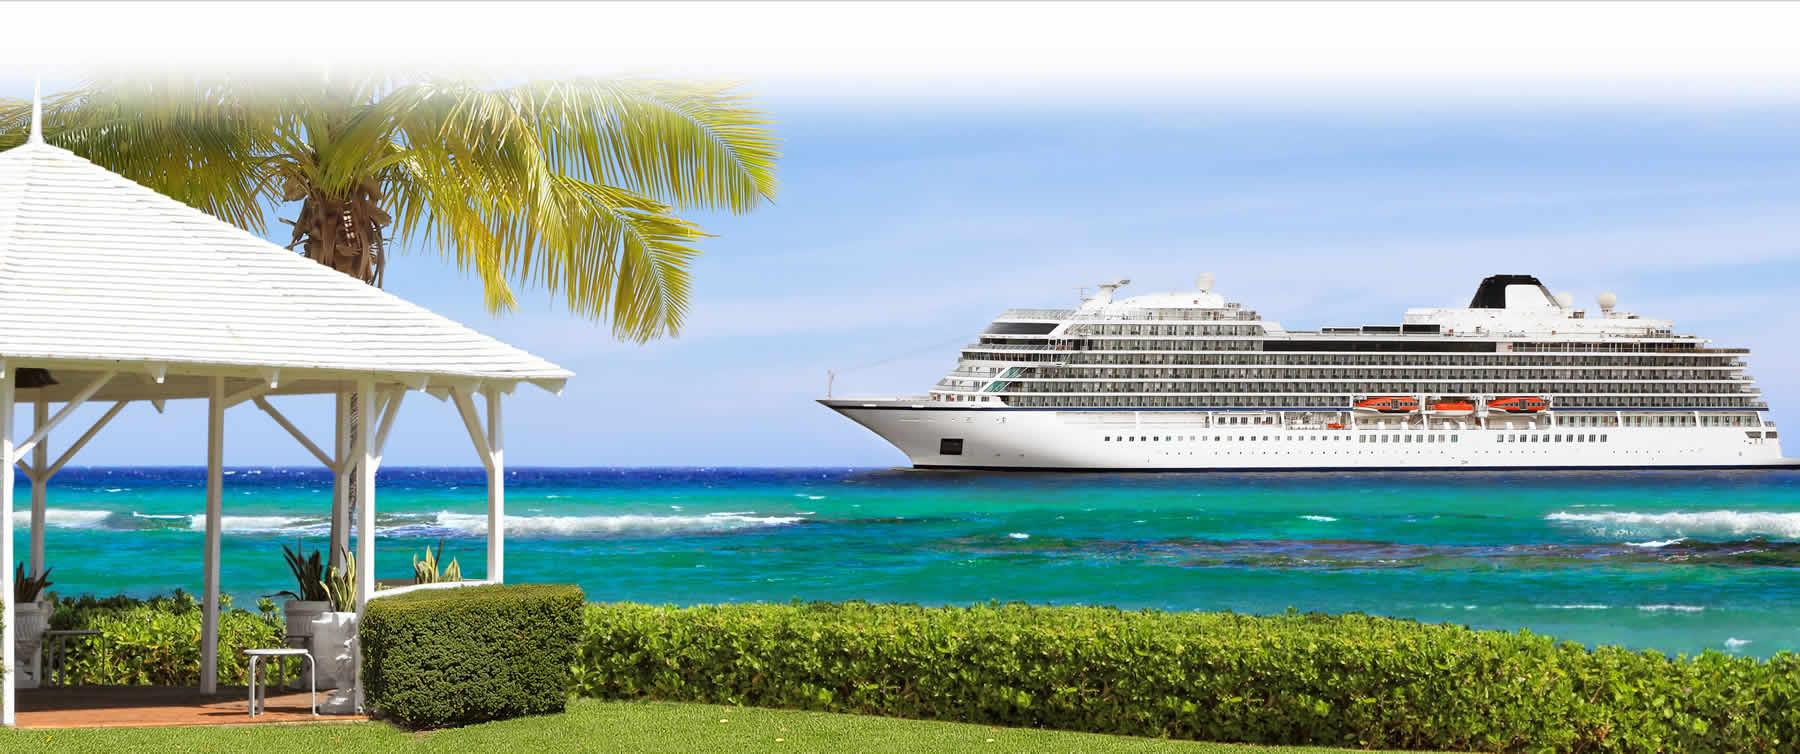 Book a fun cruise with Wetzstein Travel of Bismarck, North Dakota.